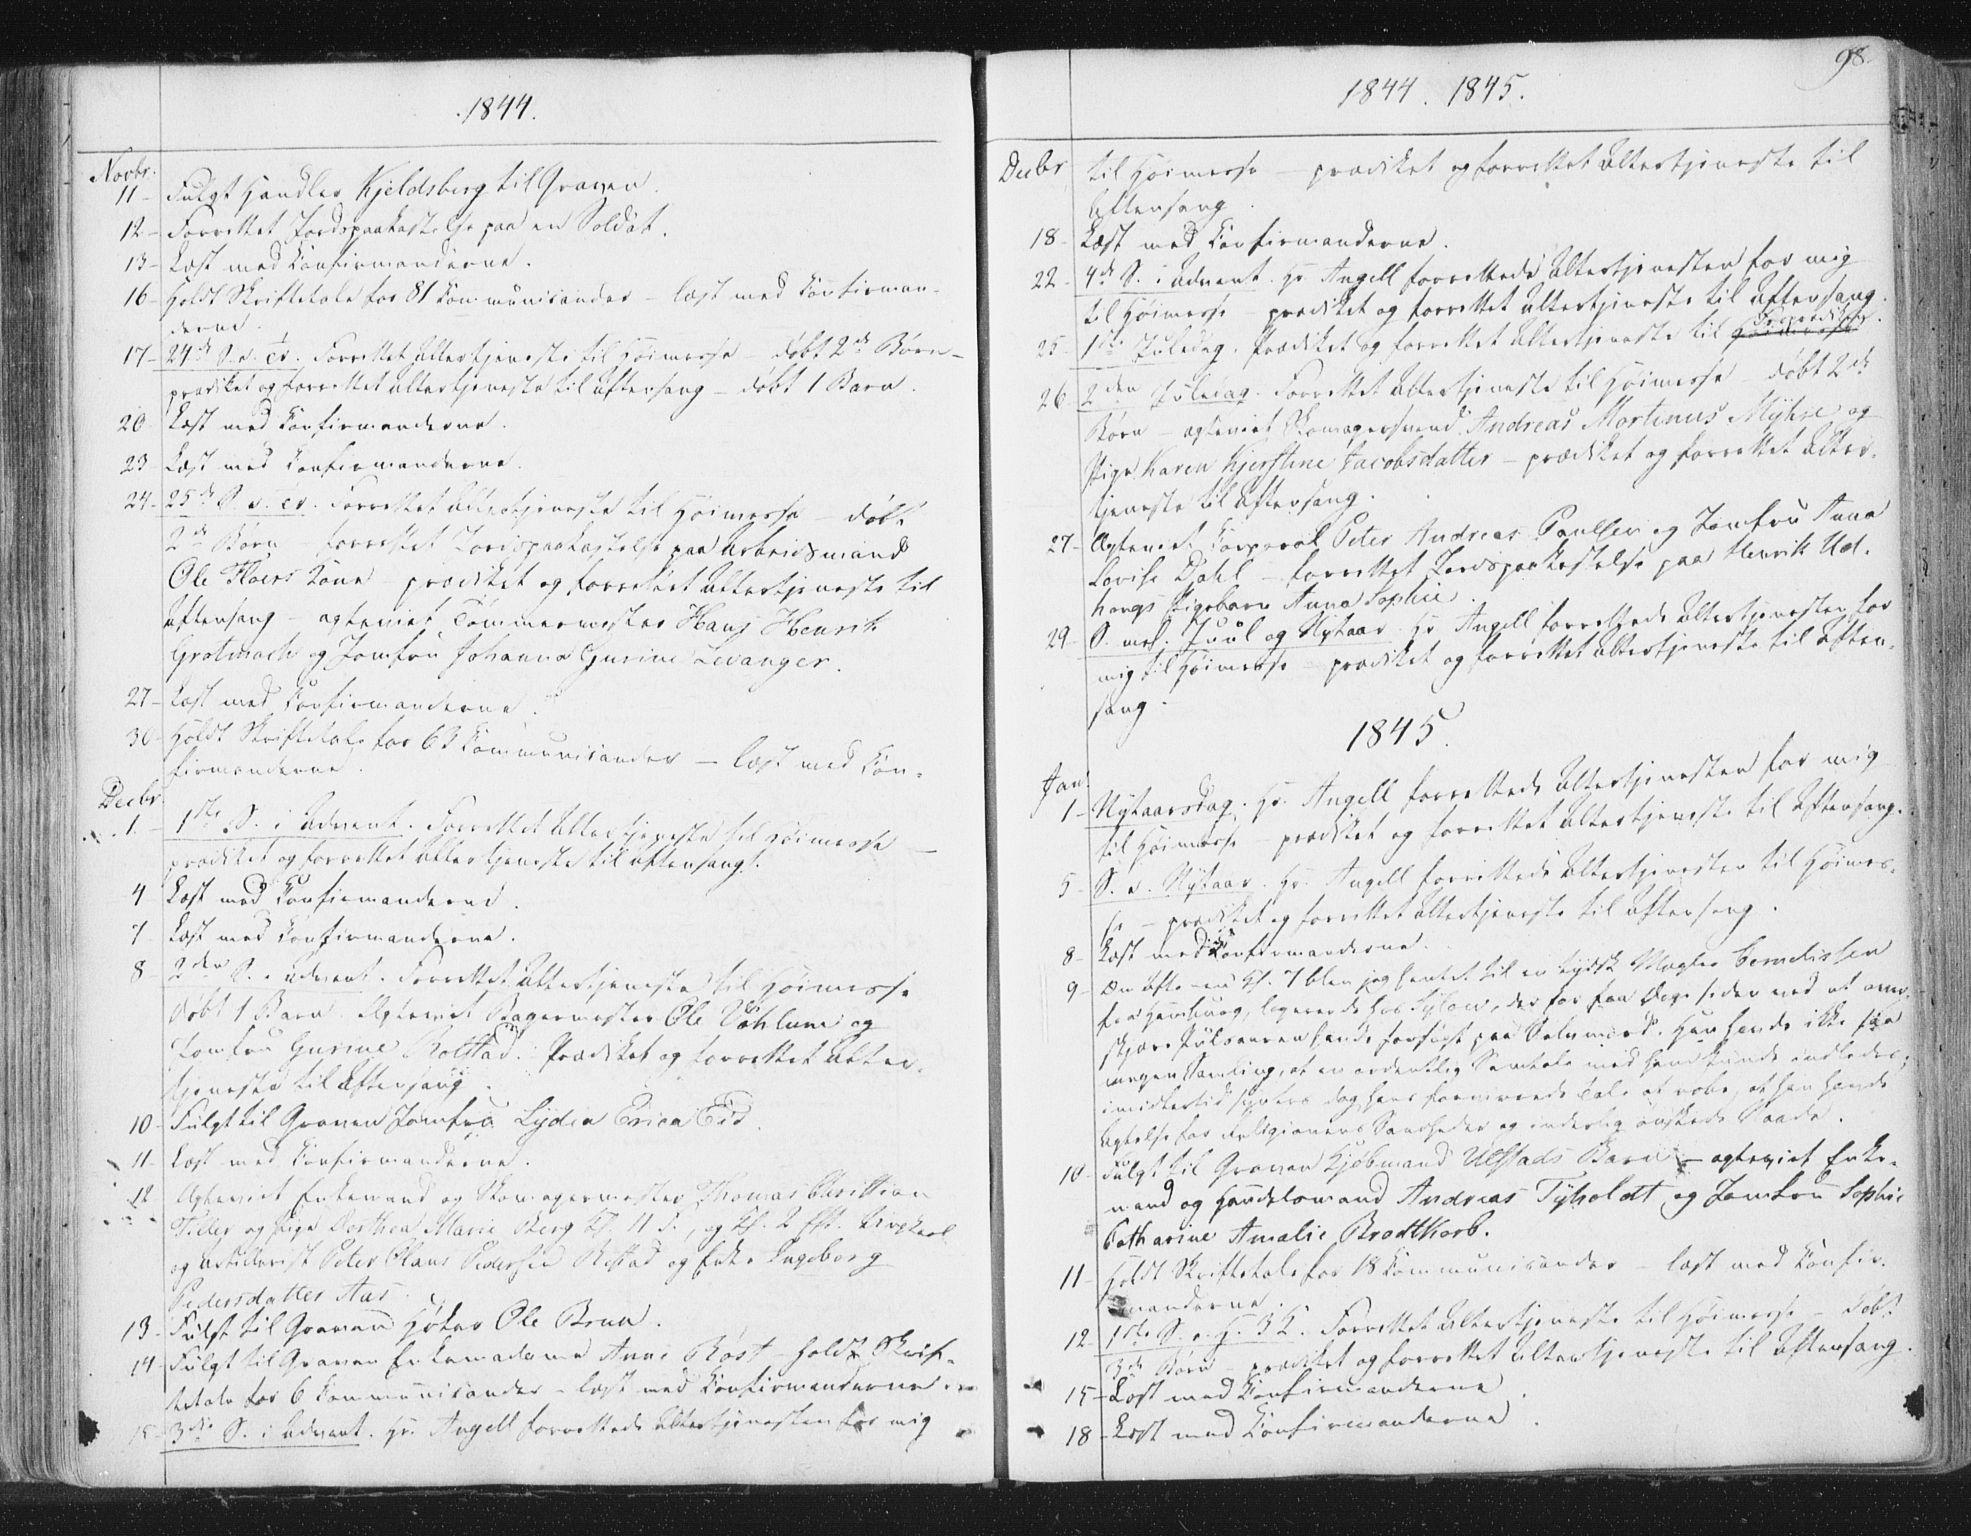 SAT, Ministerialprotokoller, klokkerbøker og fødselsregistre - Sør-Trøndelag, 602/L0127: Residerende kapellans bok nr. 602B01, 1821-1875, s. 98